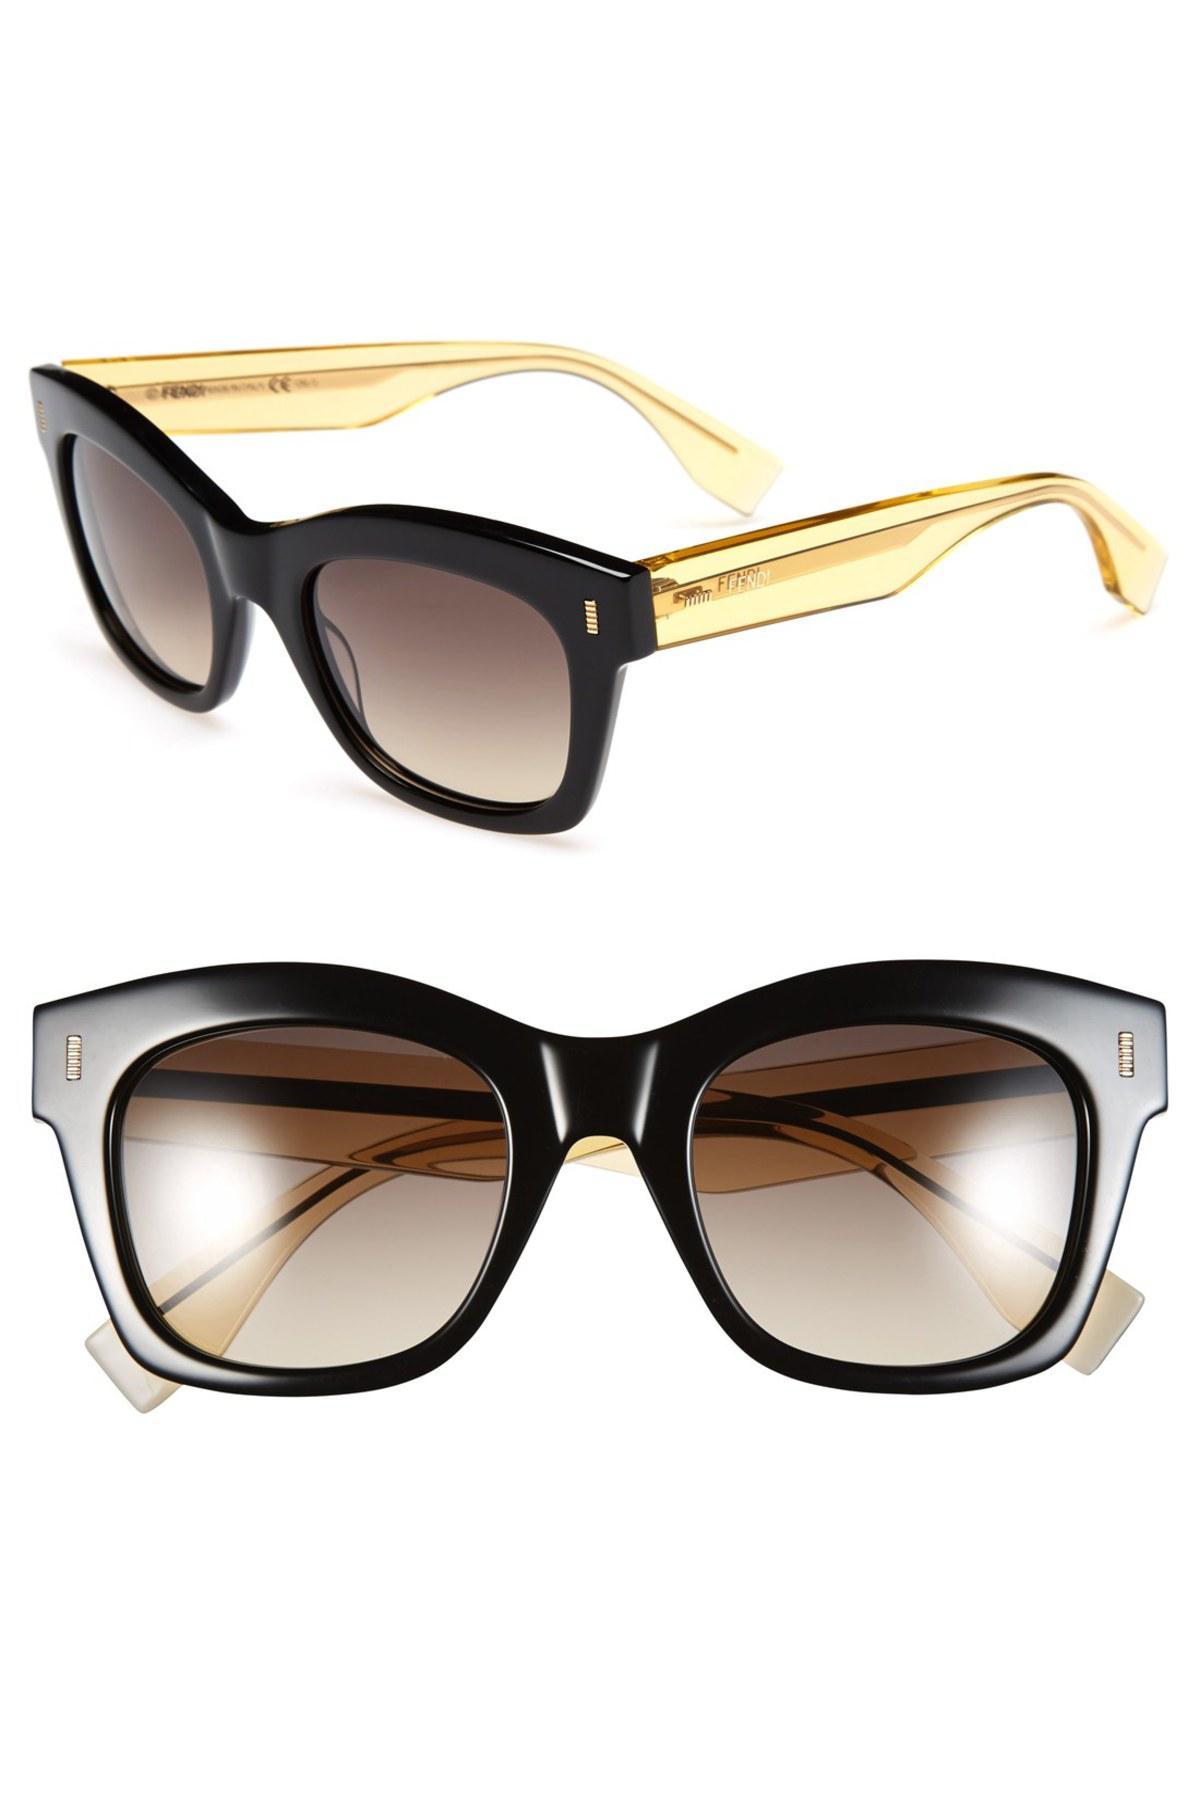 045ebb31e551 Lyst - Fendi 50mm Retro Sunglasses in Black